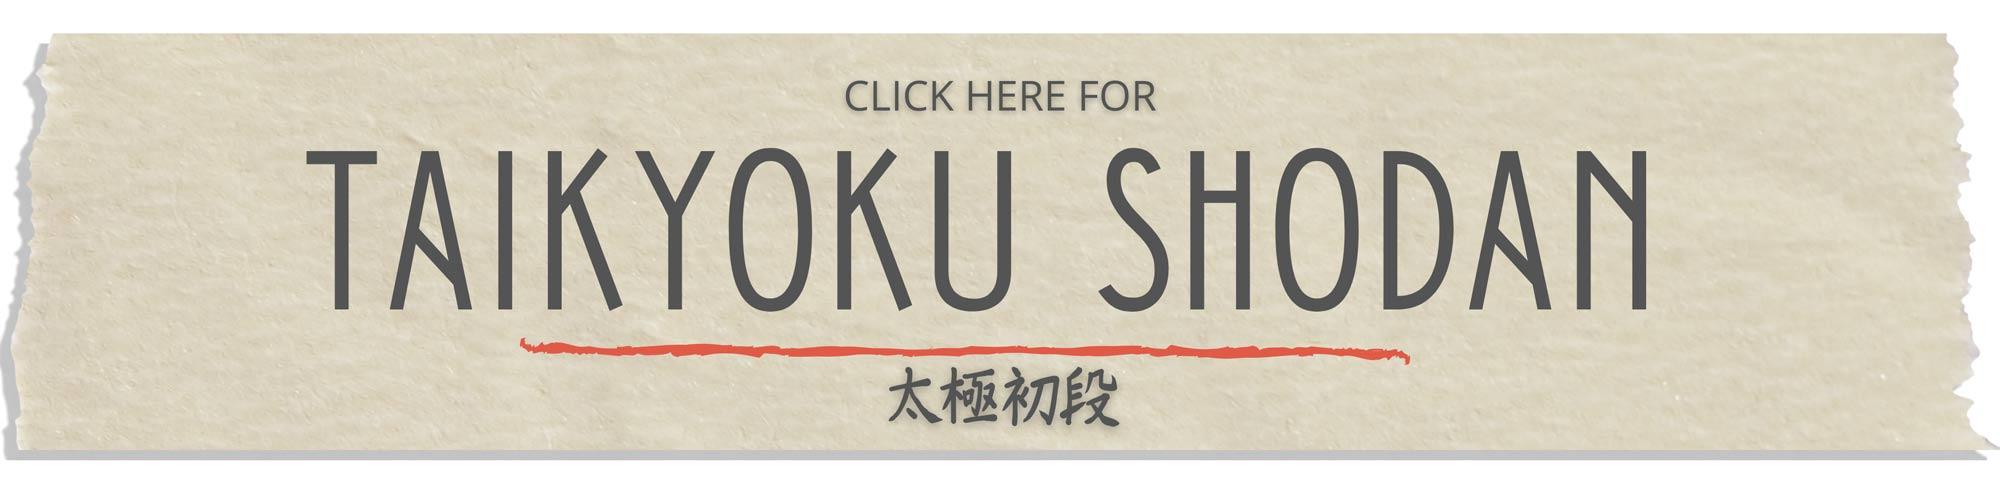 taikyoku shodan step by step